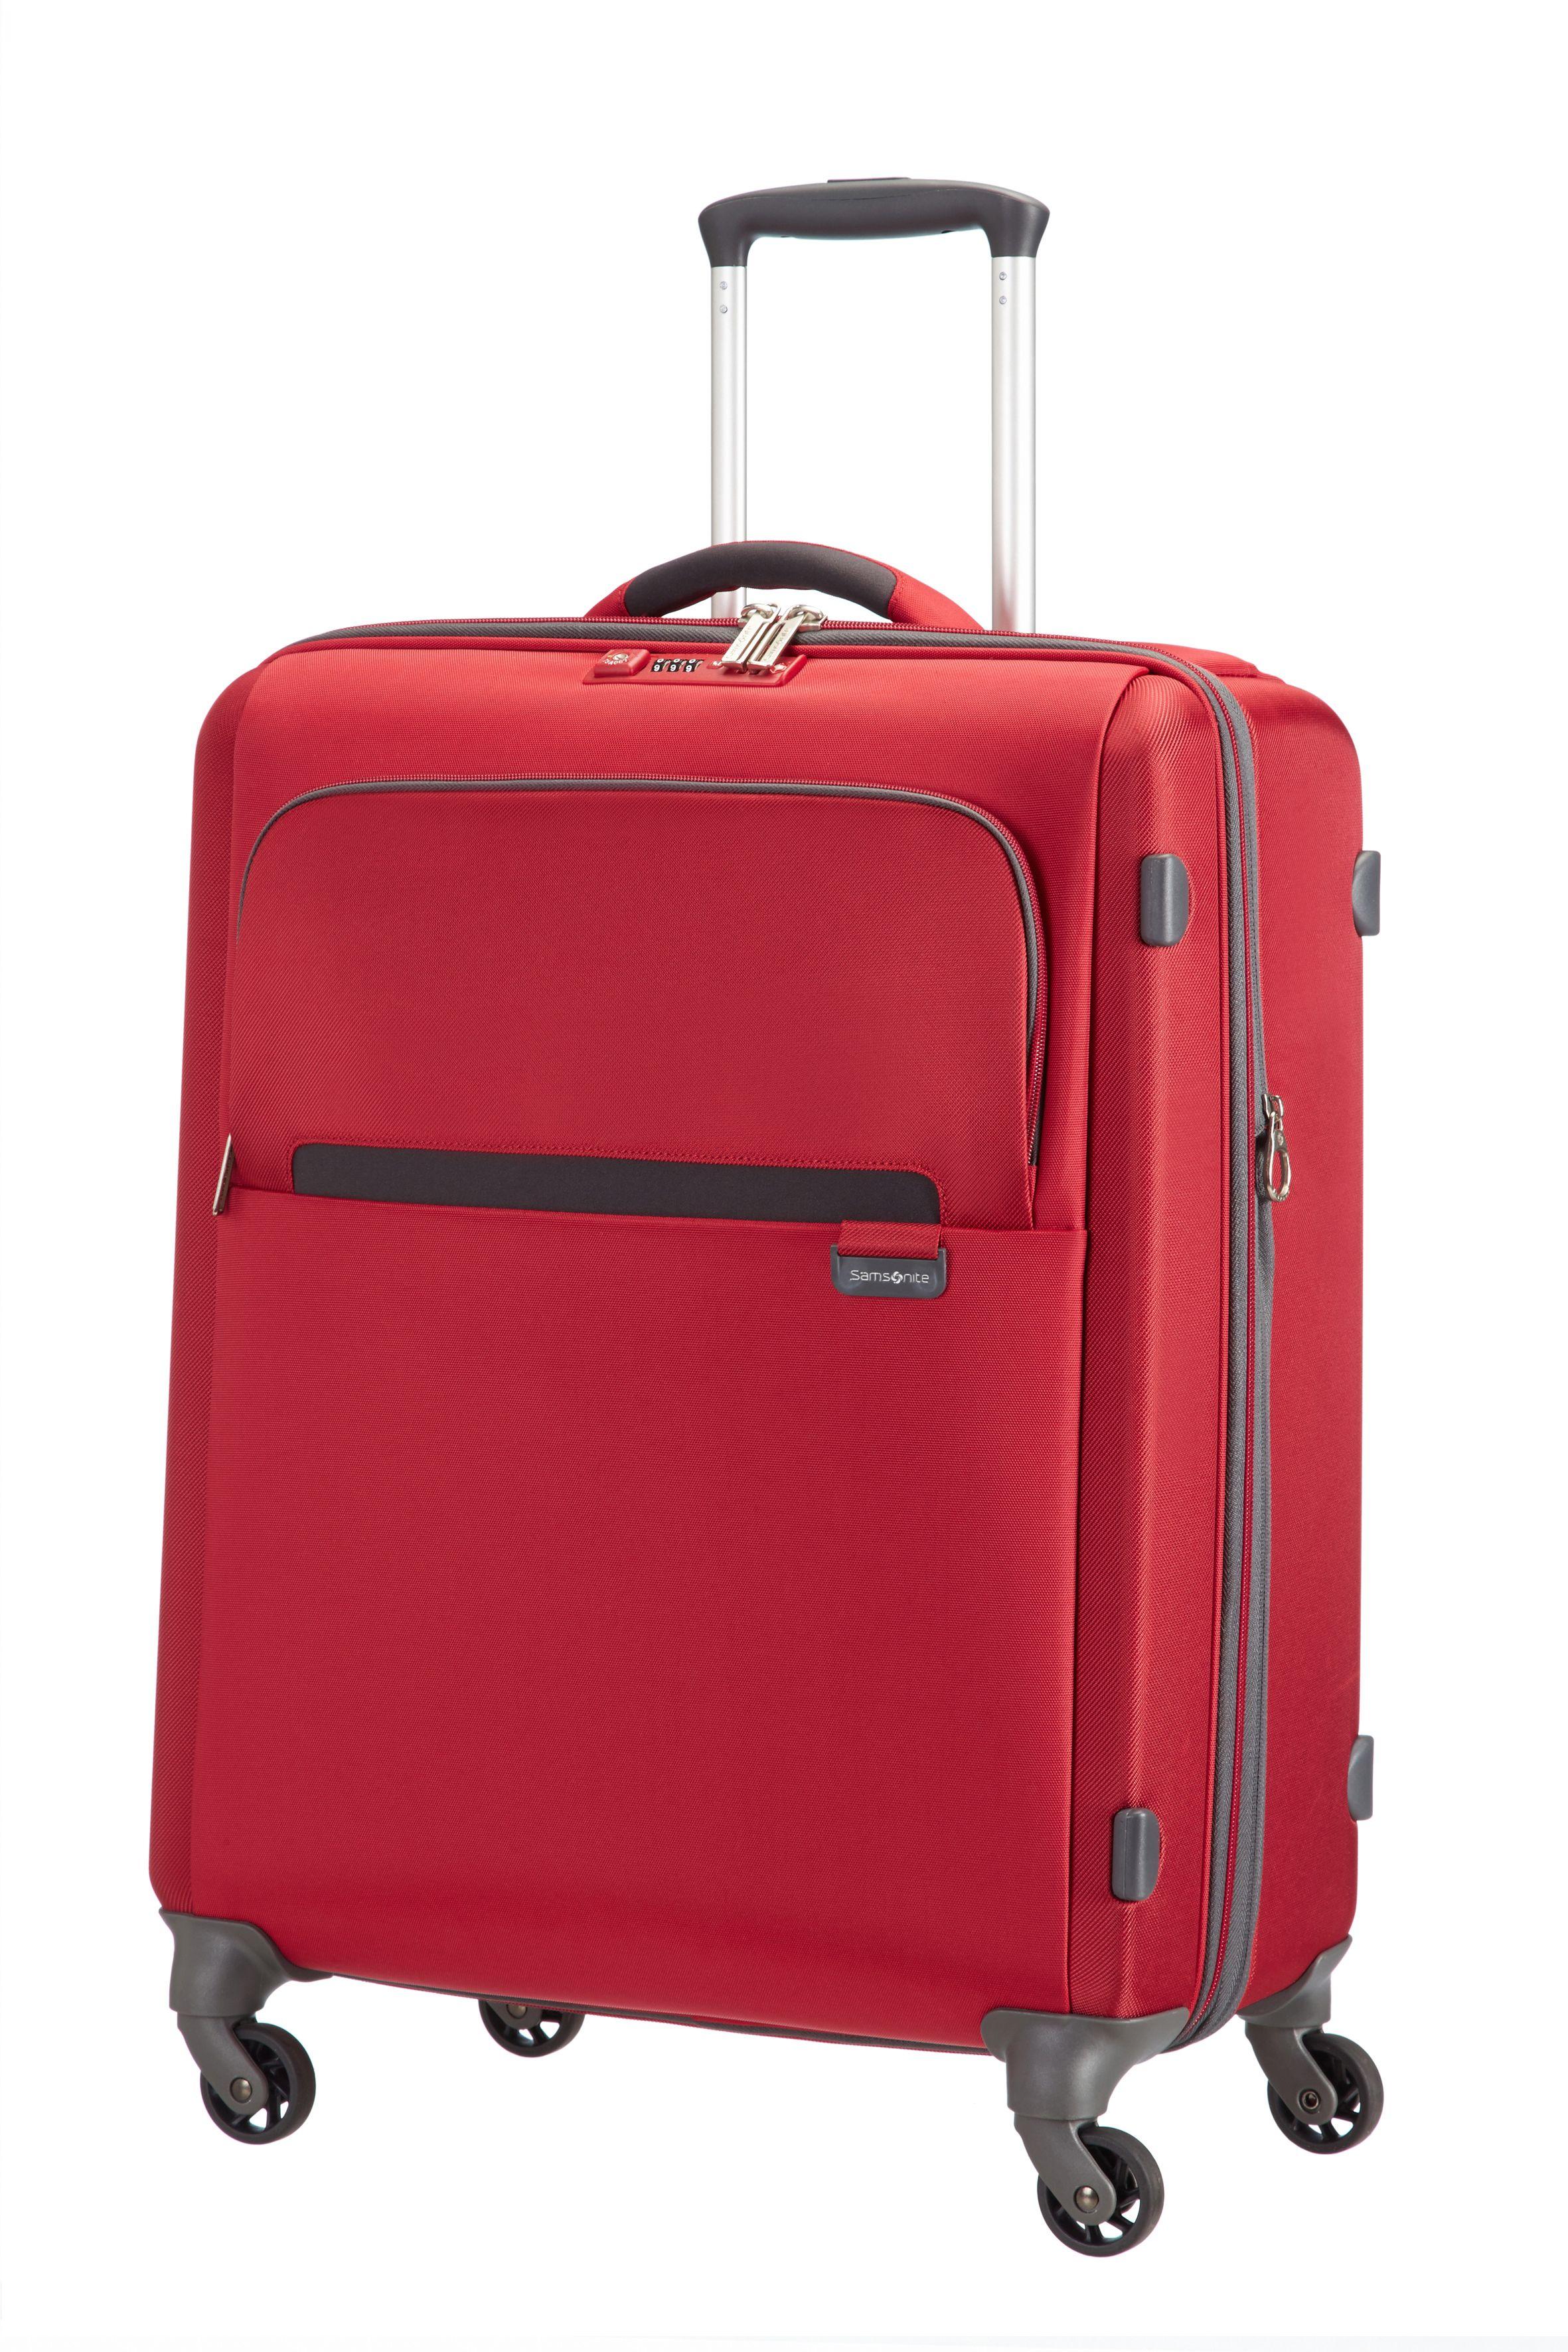 Lumo Red 64cm Spinner #Samsonite #Lumo #Travel #Suitcase #Luggage ...